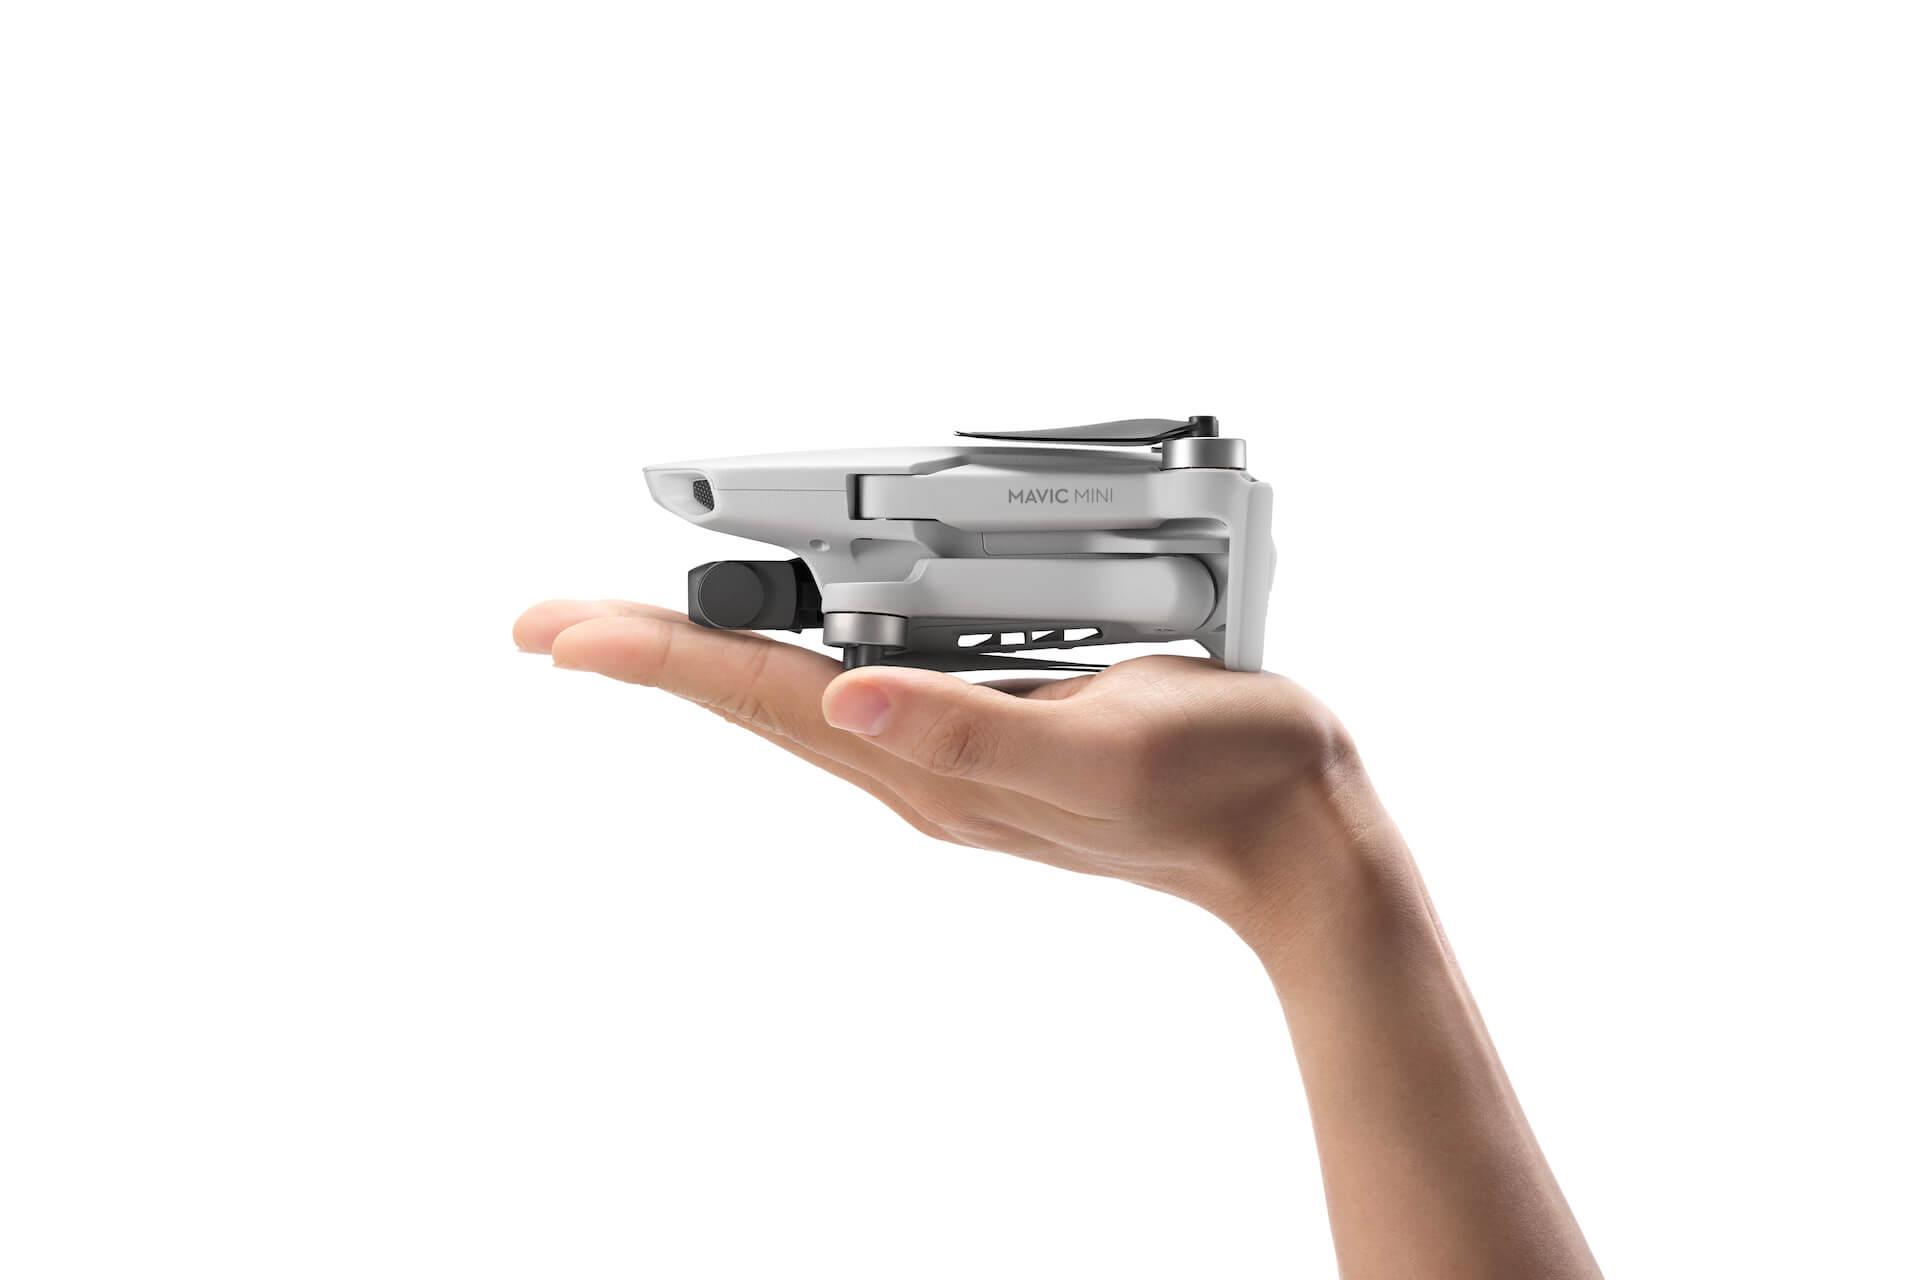 わずか199gと驚異のコンパクトさを誇る空飛ぶカメラ「DJI Mavic Mini」が登場!本日より予約受付開始 tech191031_mavicmini_11